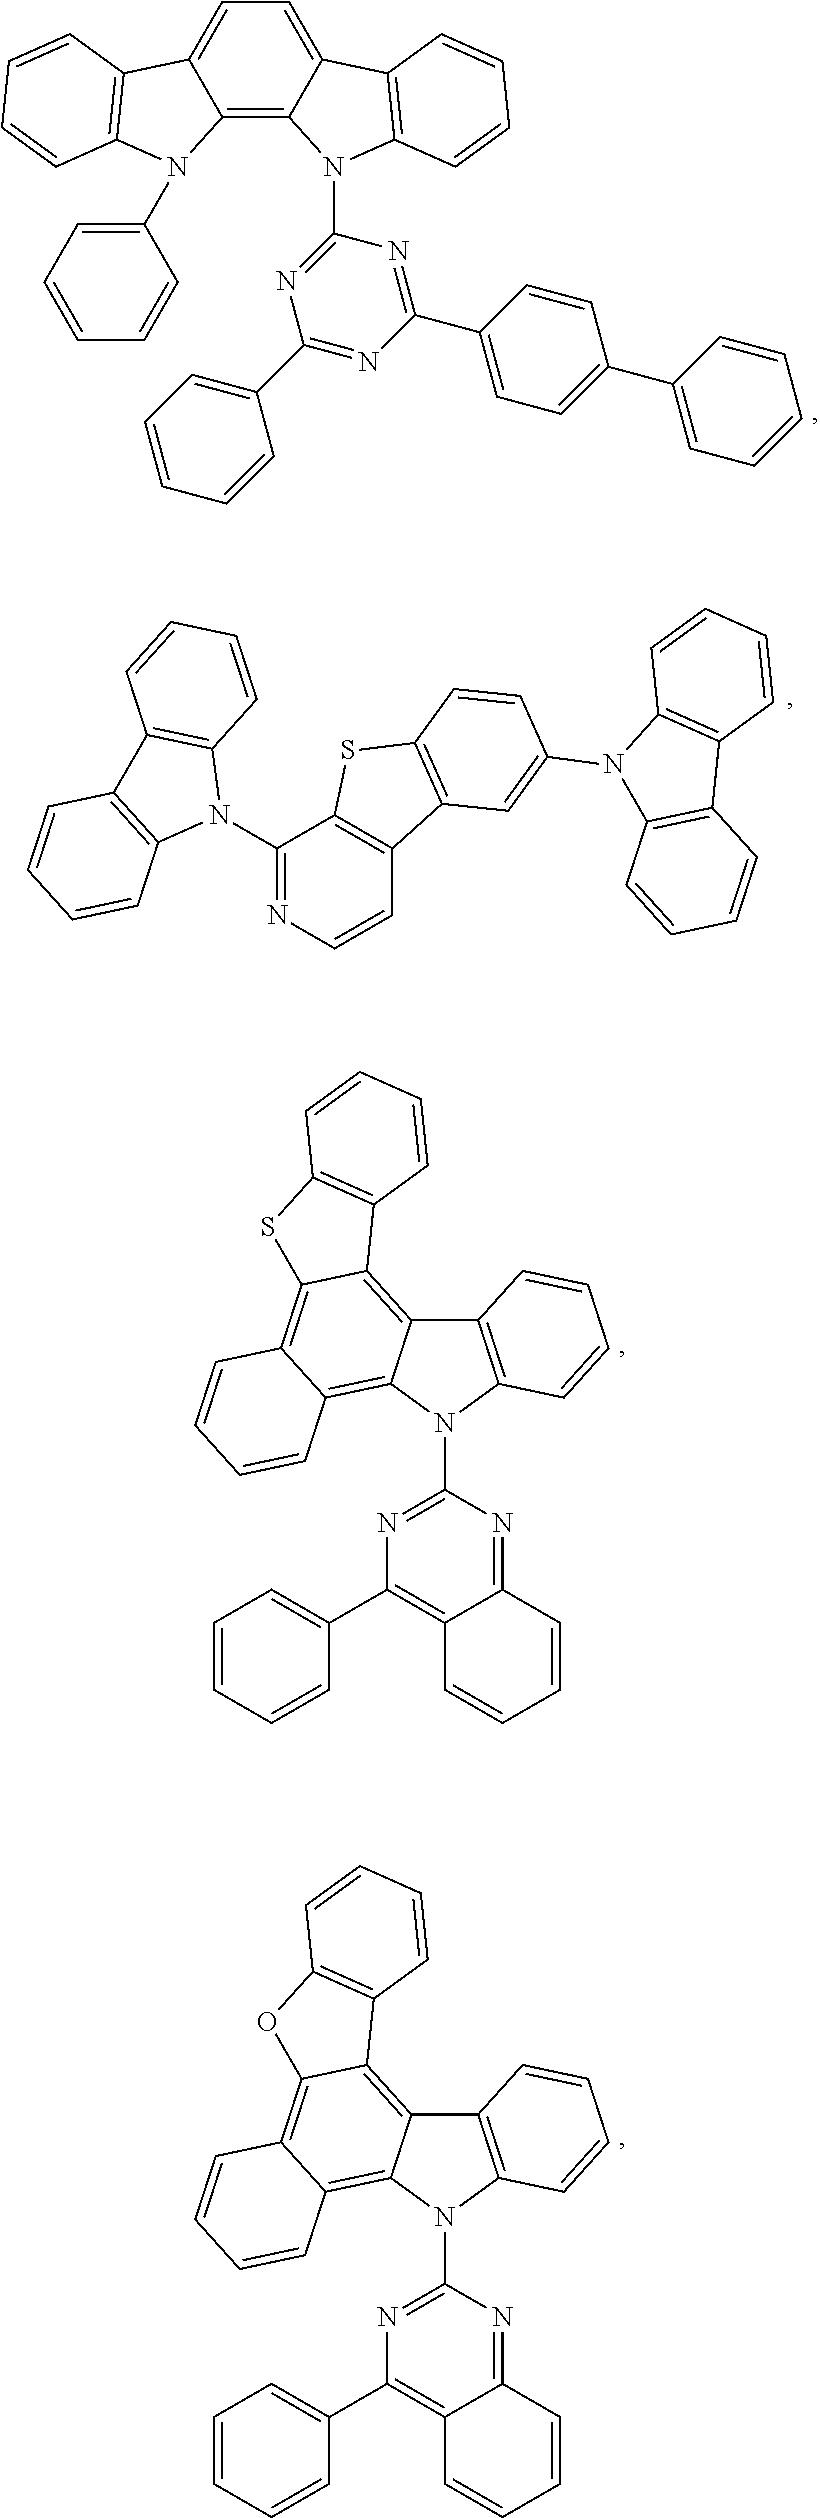 Figure US20190161504A1-20190530-C00055